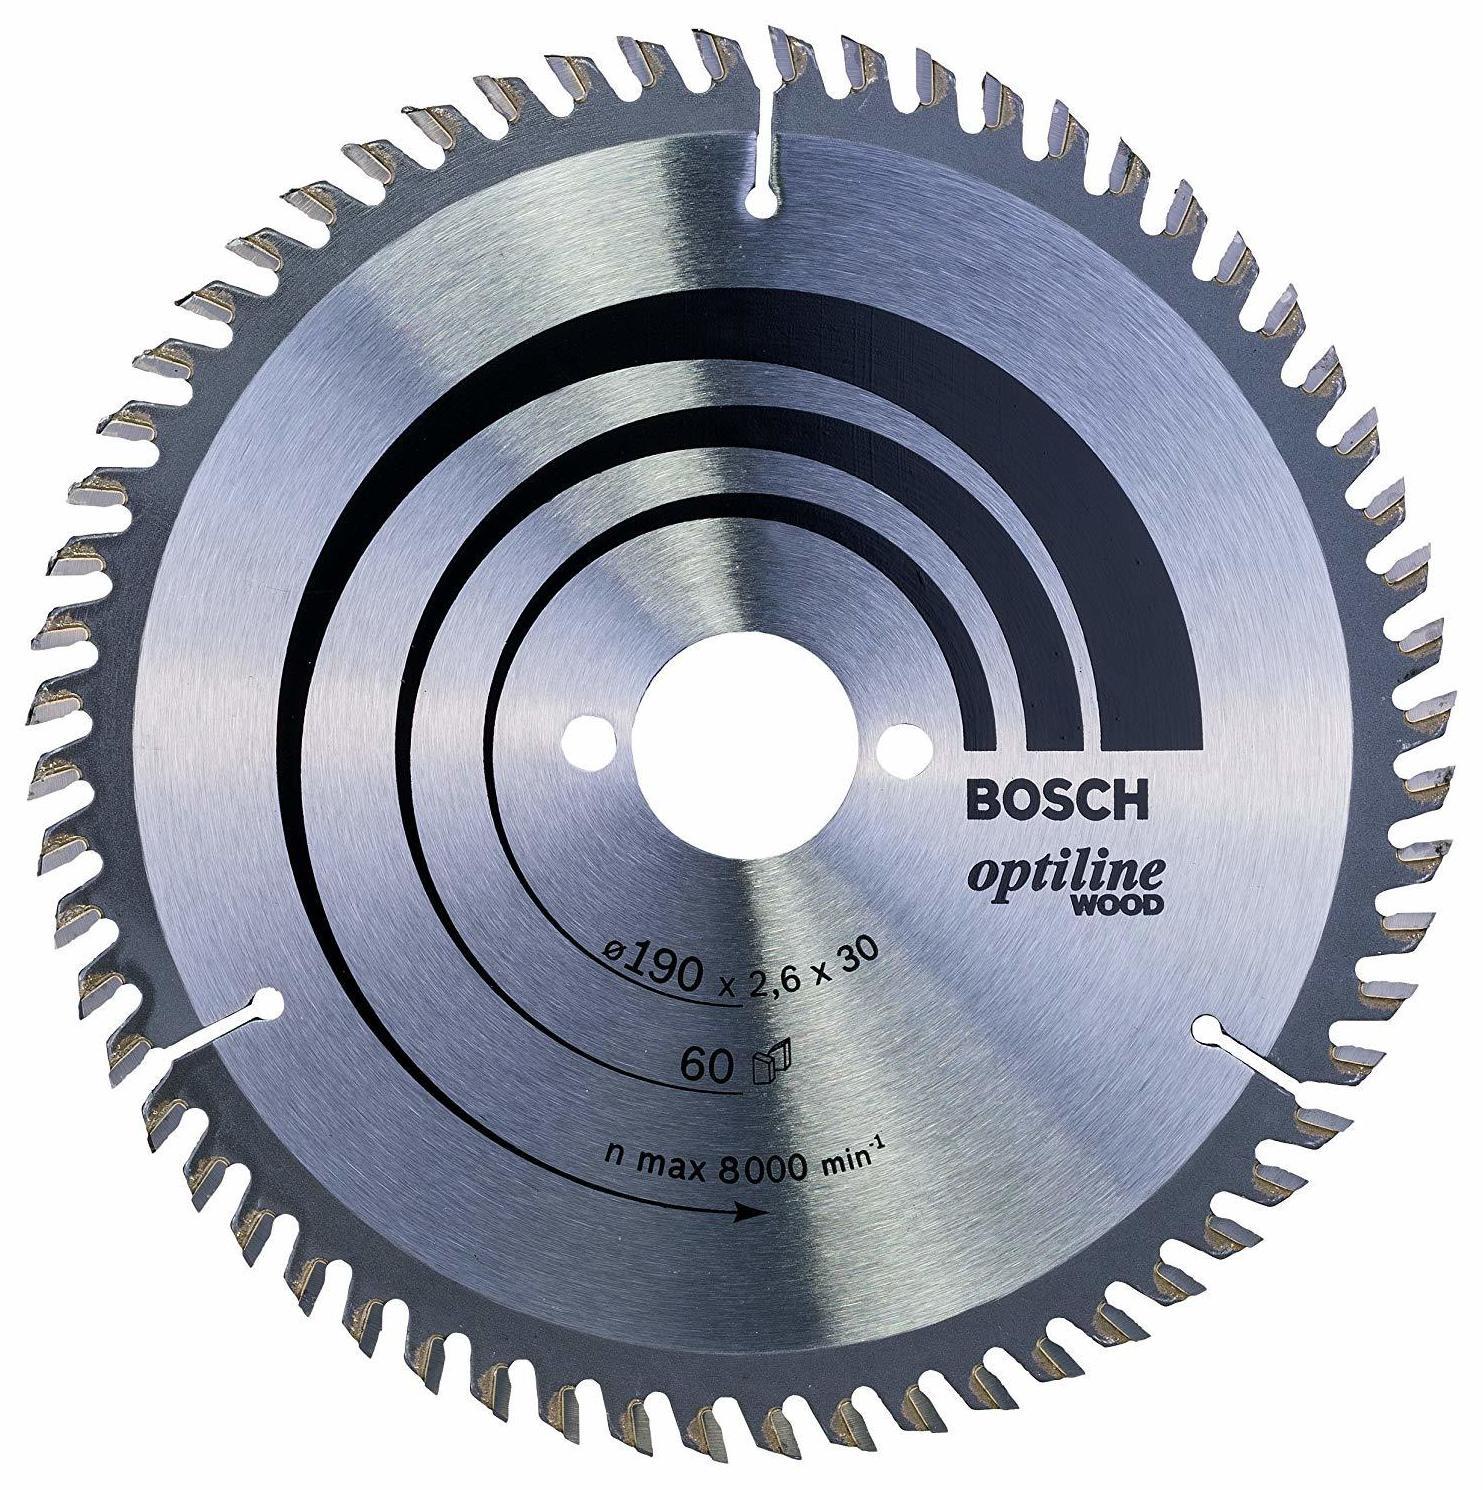 Disco Bosch para madera: TIENDA ONLINE de Amucsa